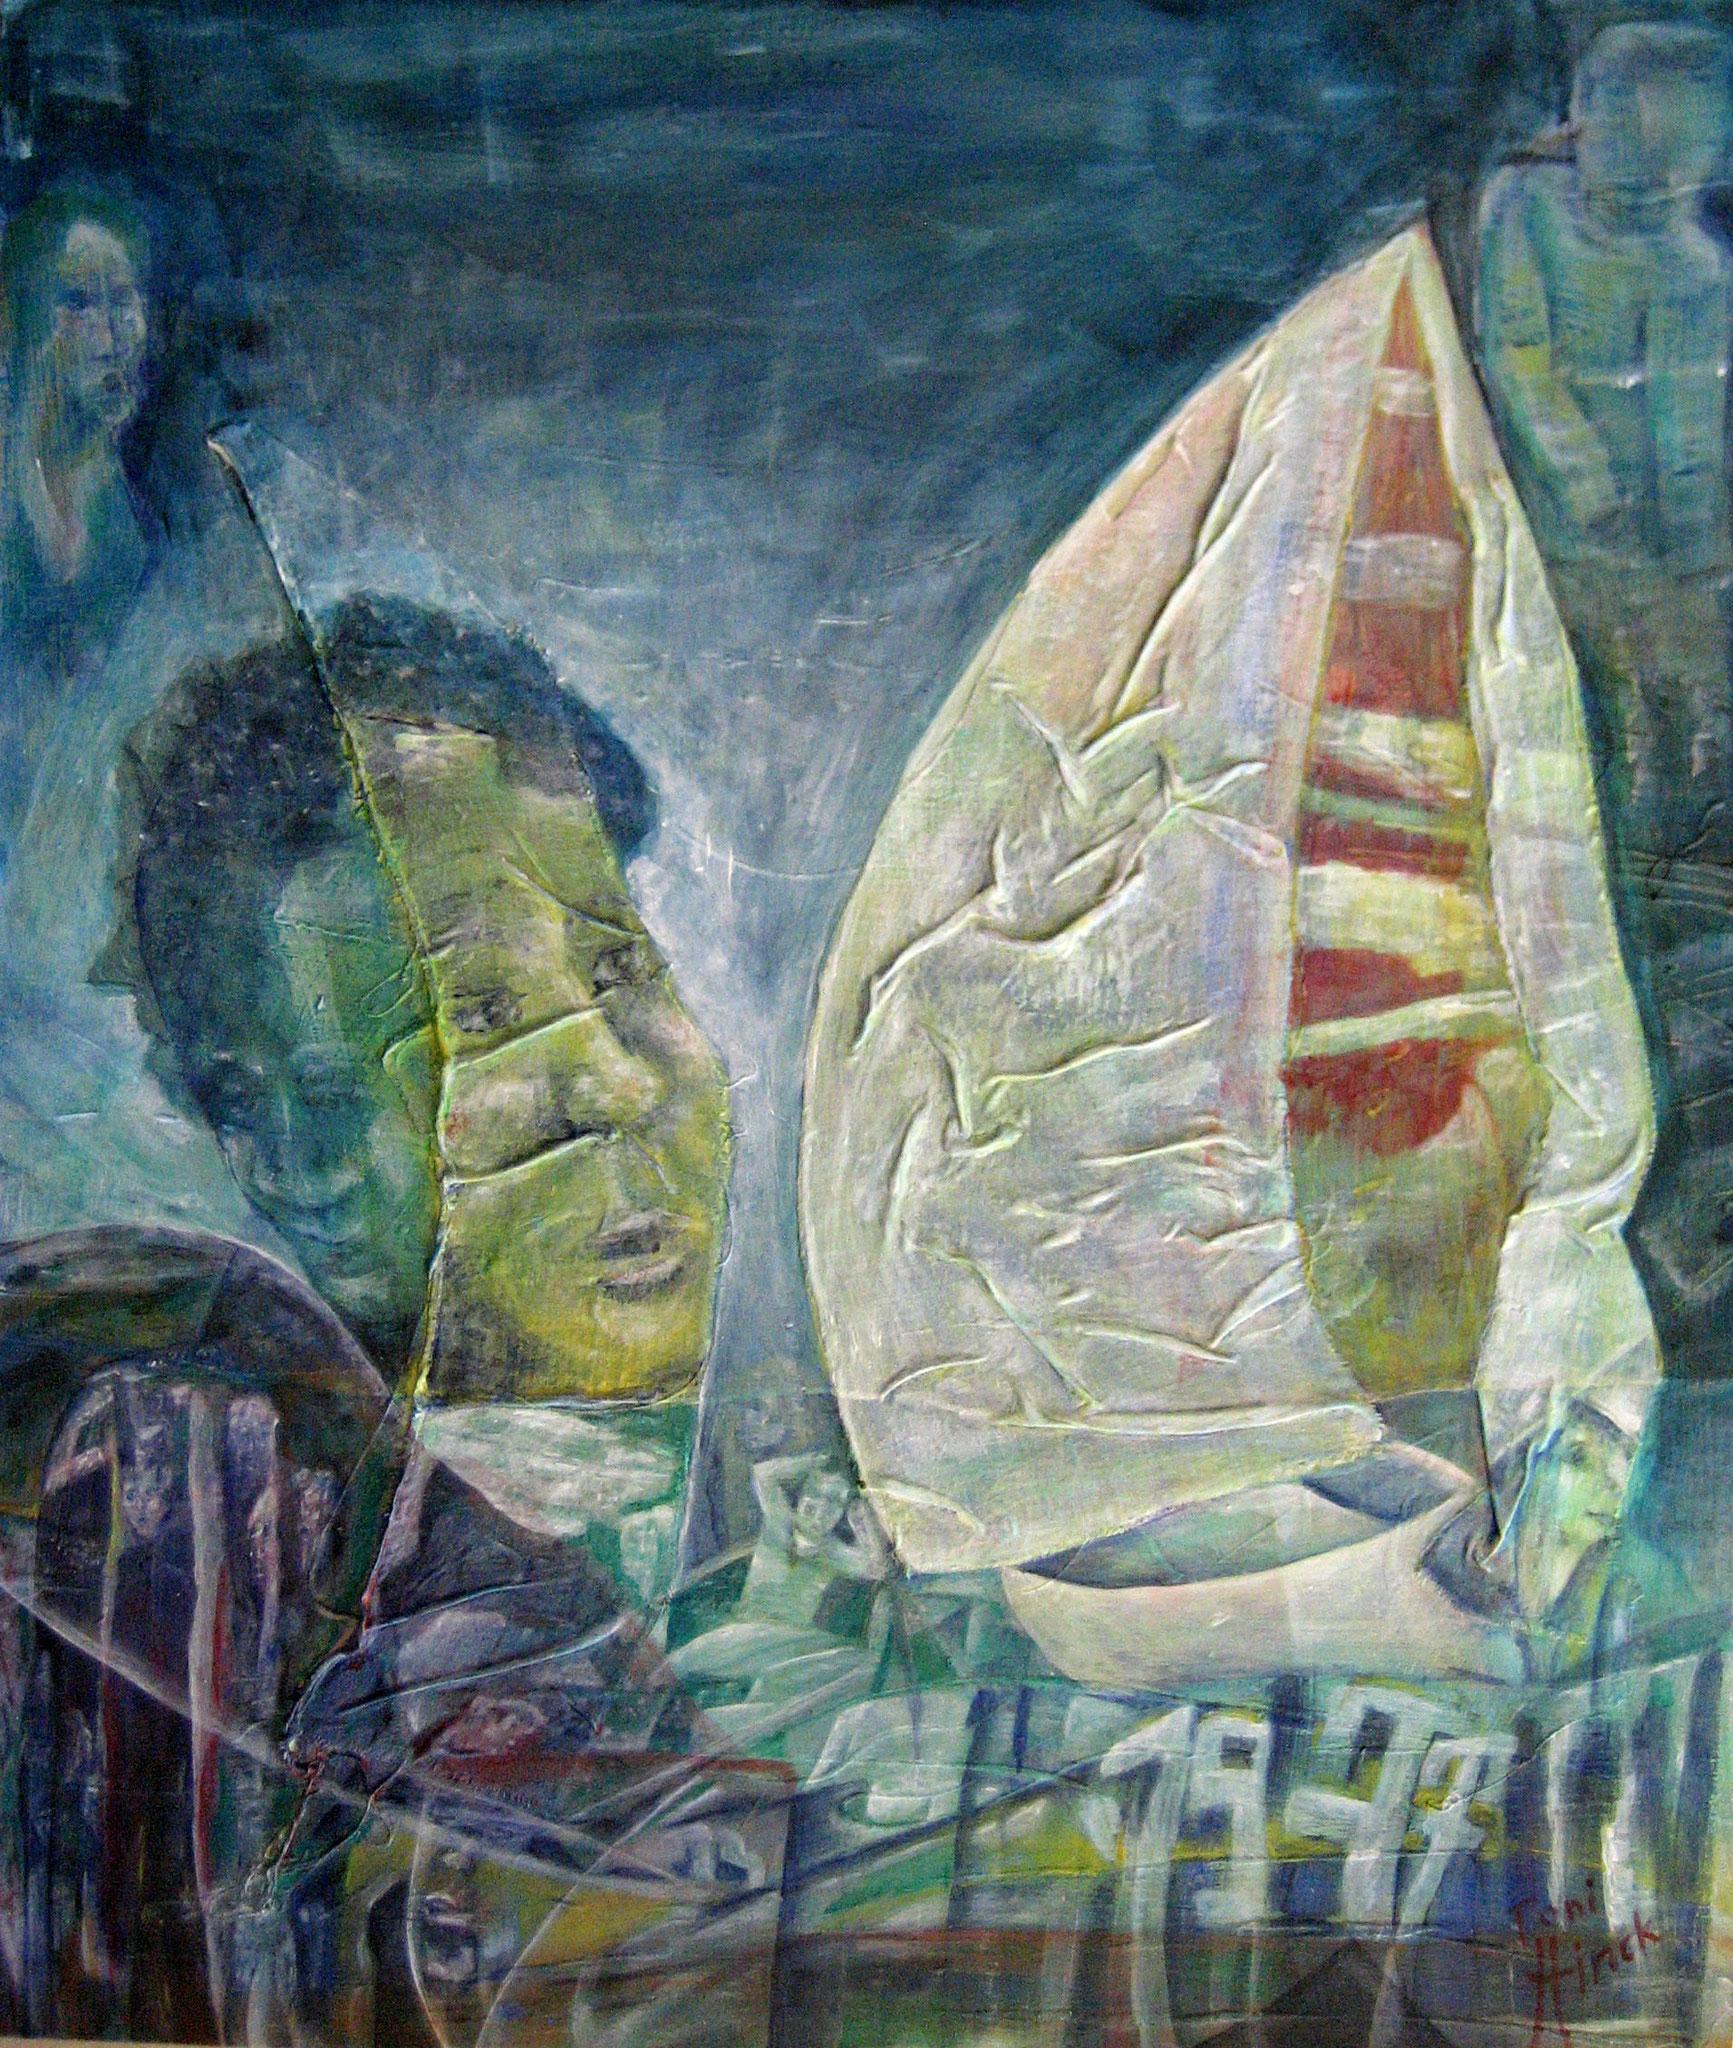 Dicke Berta  oder  1977  -  H68  -  60x70cm  -  Acryl auf Hartfaser  -  05.2015